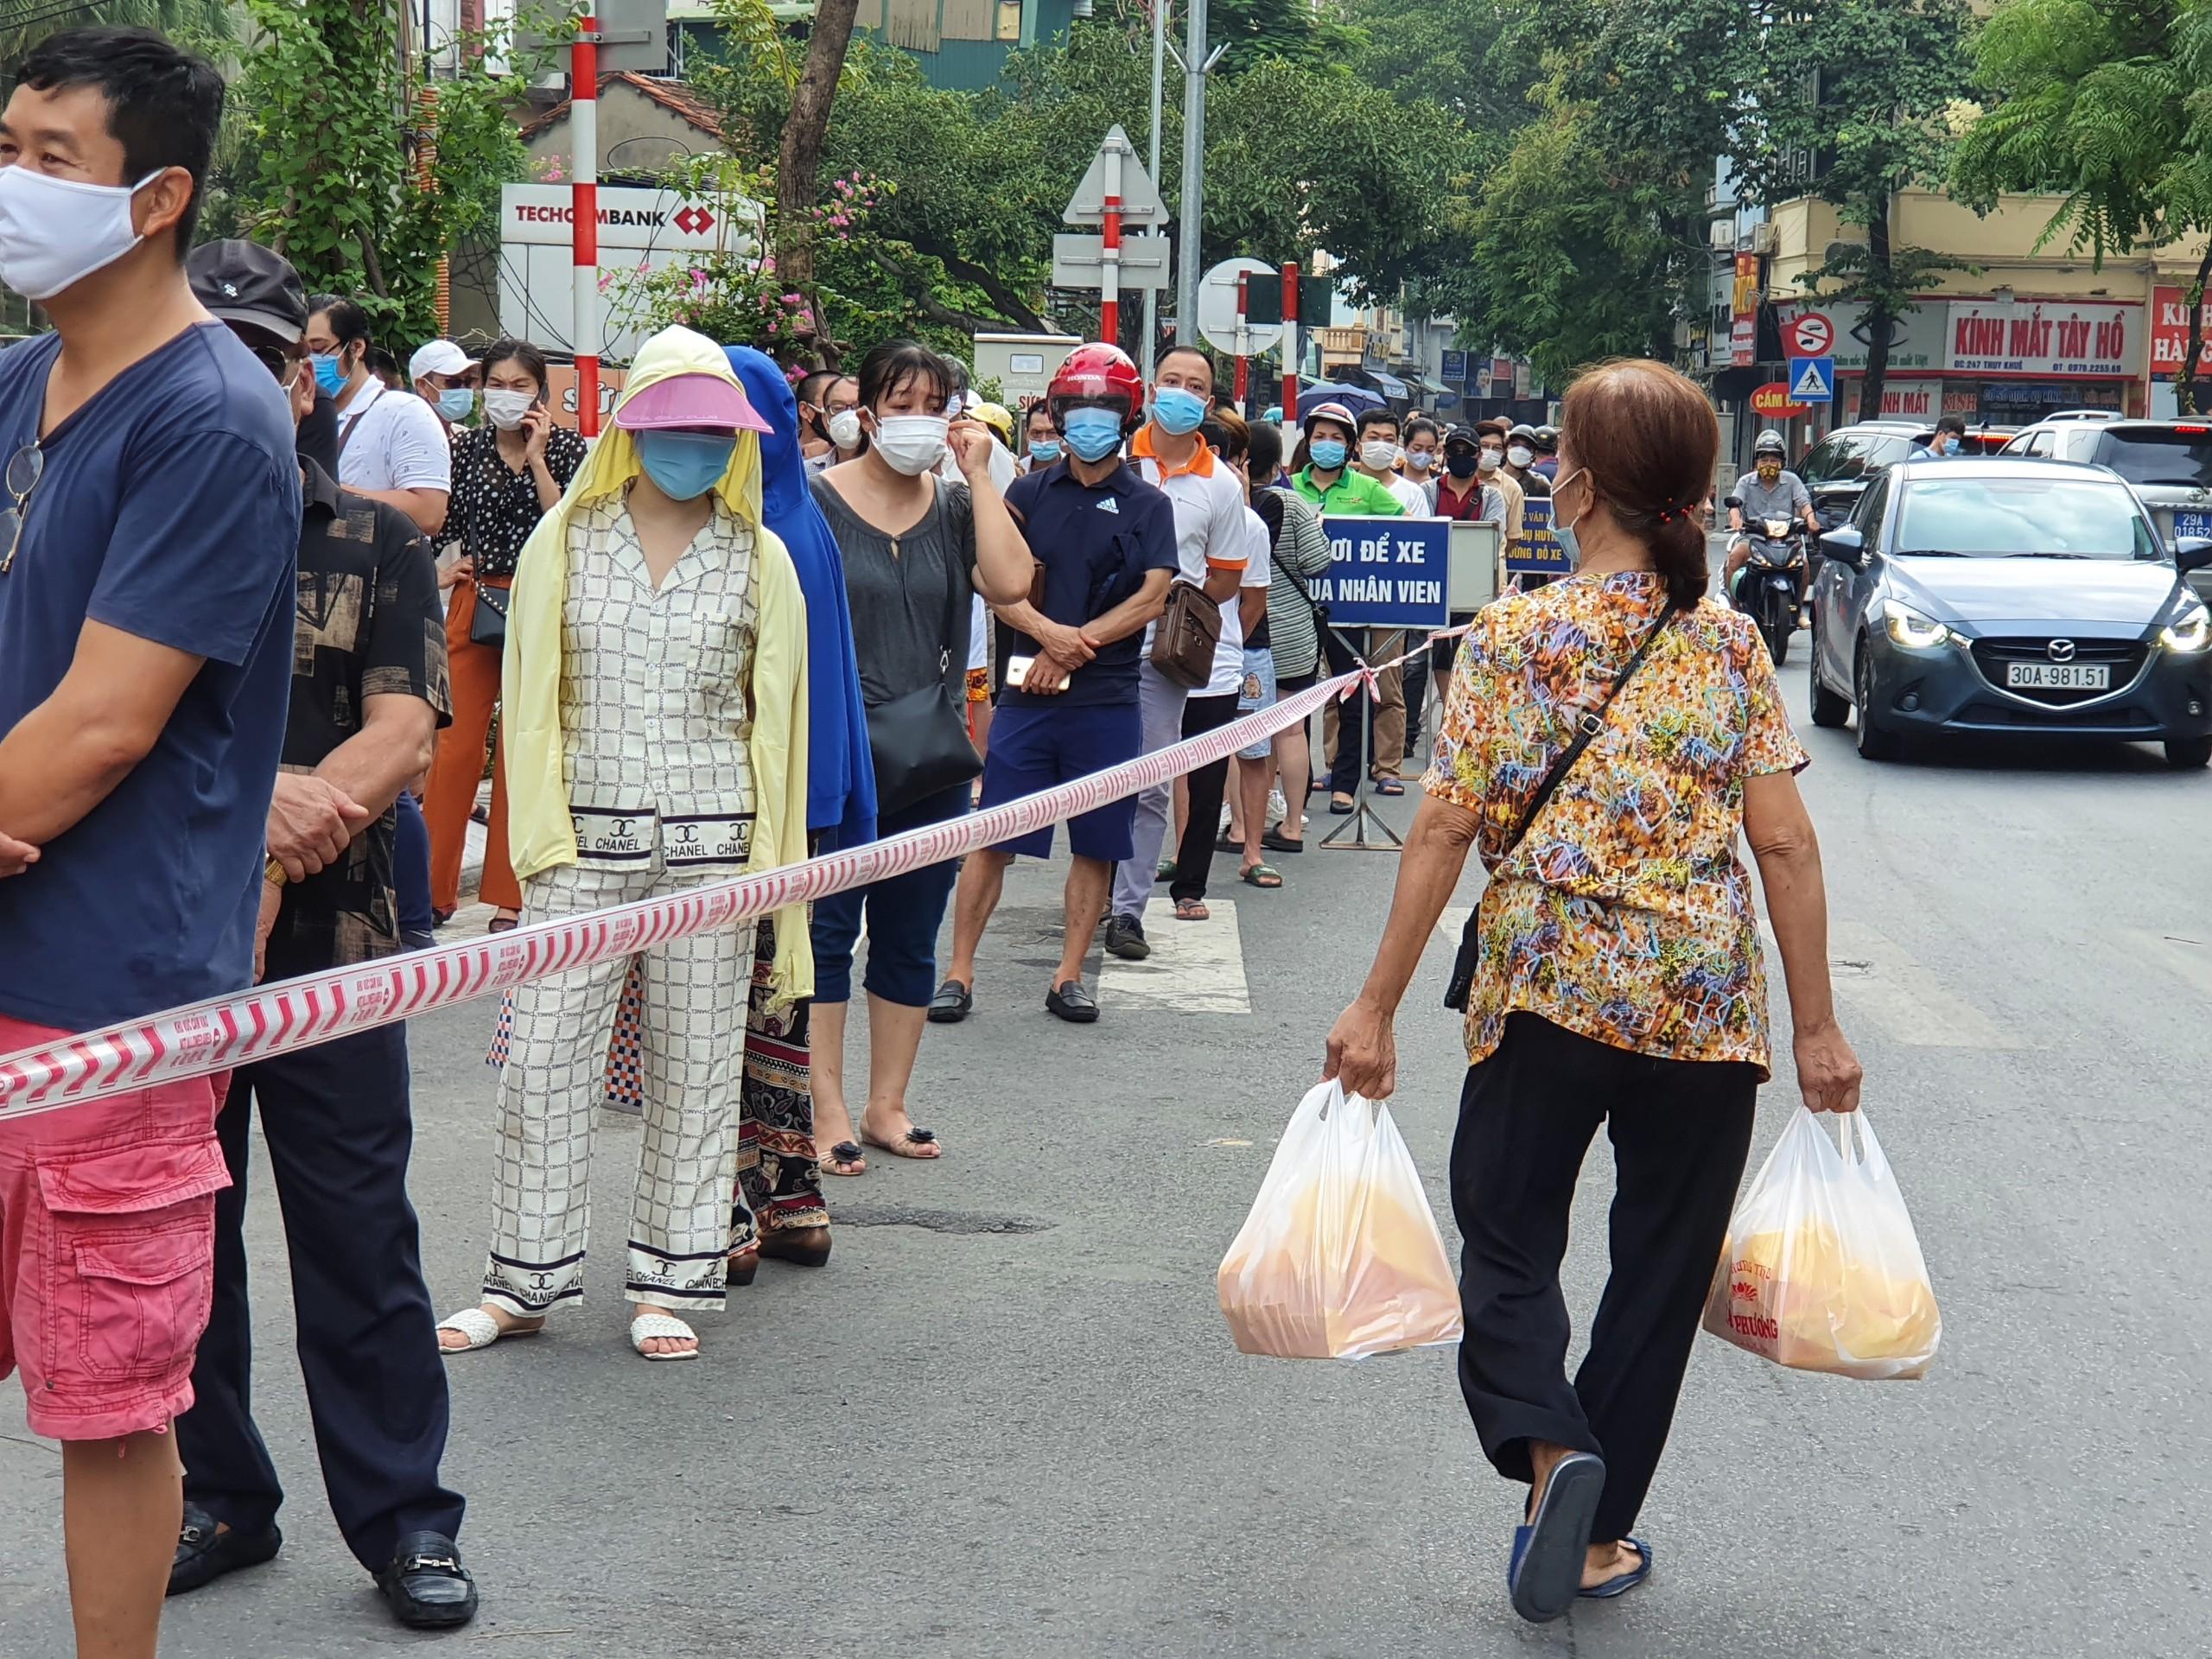 Hà Nội: Bánh trung thu truyền thống chưa 'hạ nhiệt' - Ảnh 3